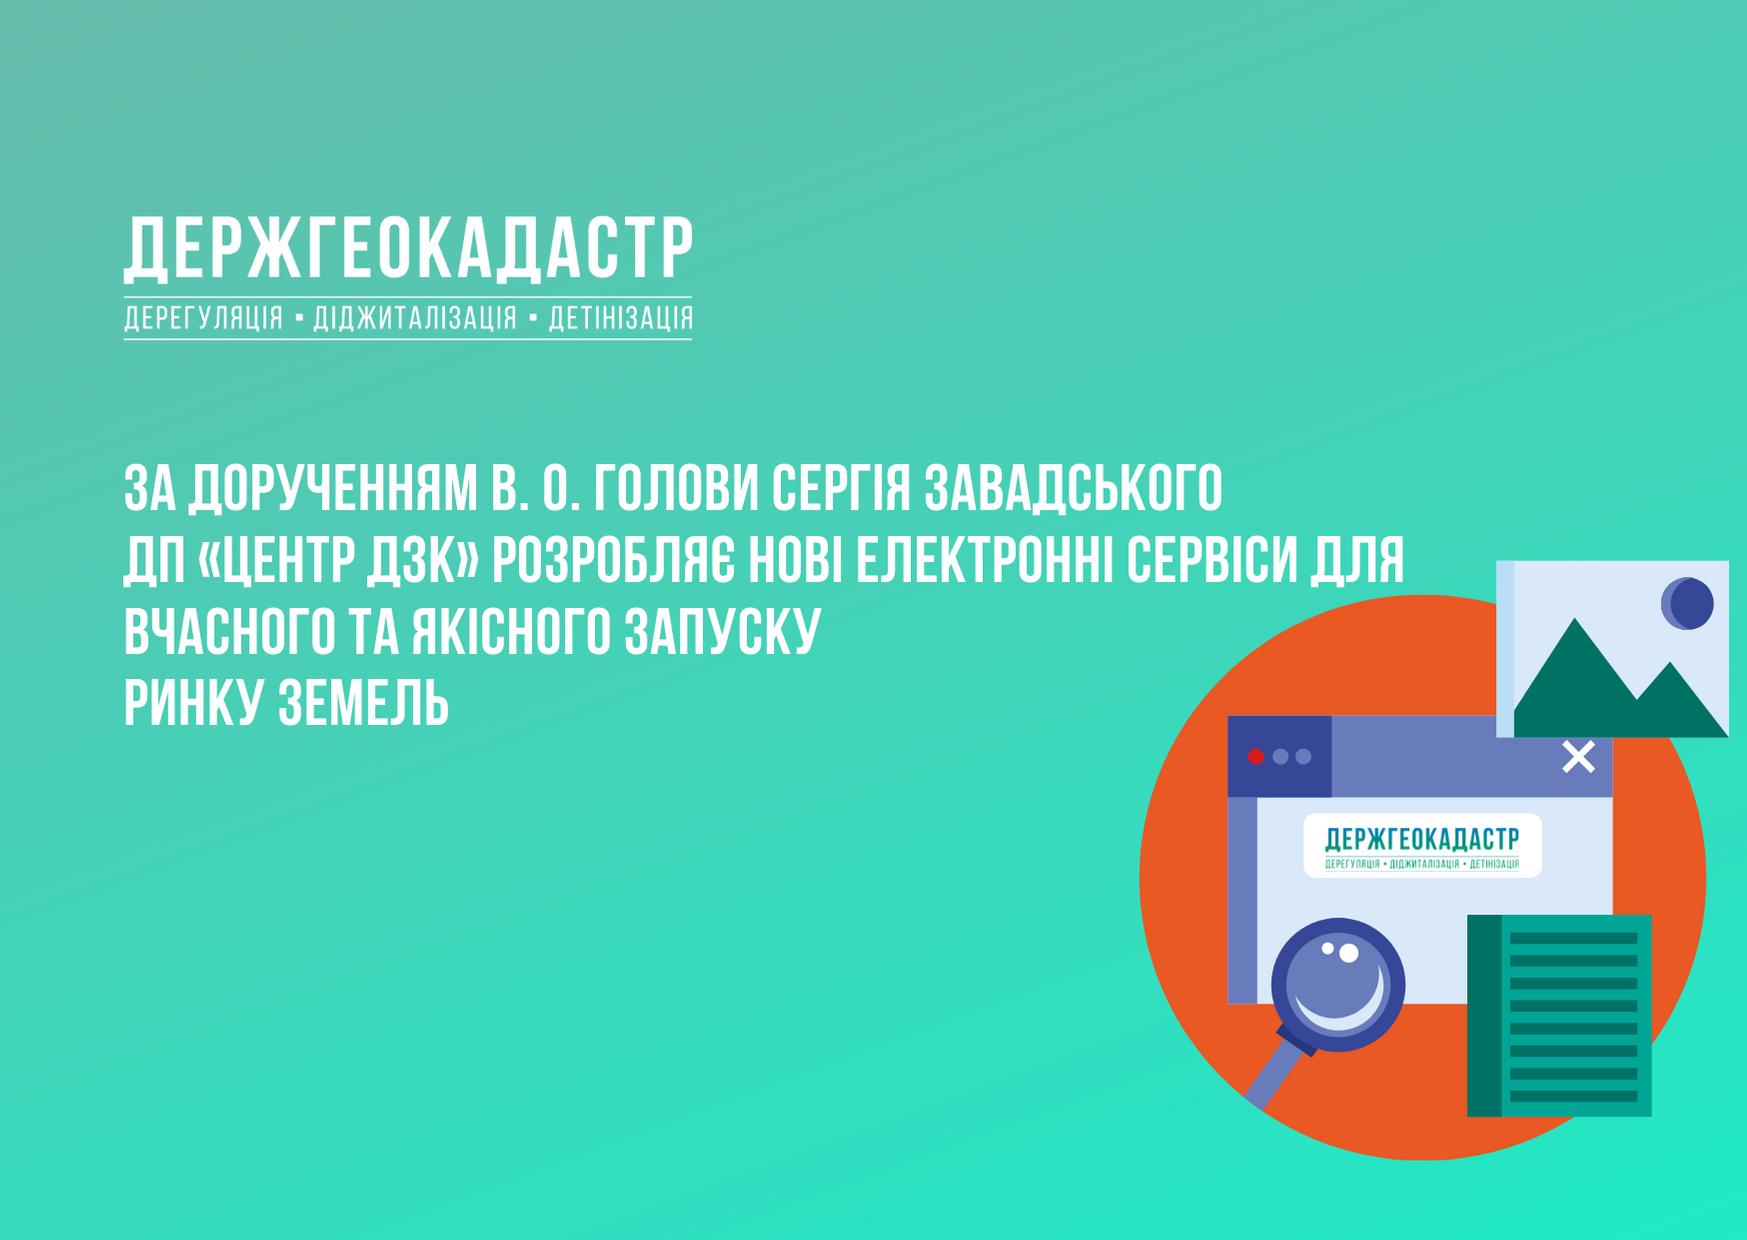 Держгеокадастру анонсовано розроблення фахівцями ДП «Центр ДЗК» нових сервісів для вчасного та якісного запуску ринку земель в Україні